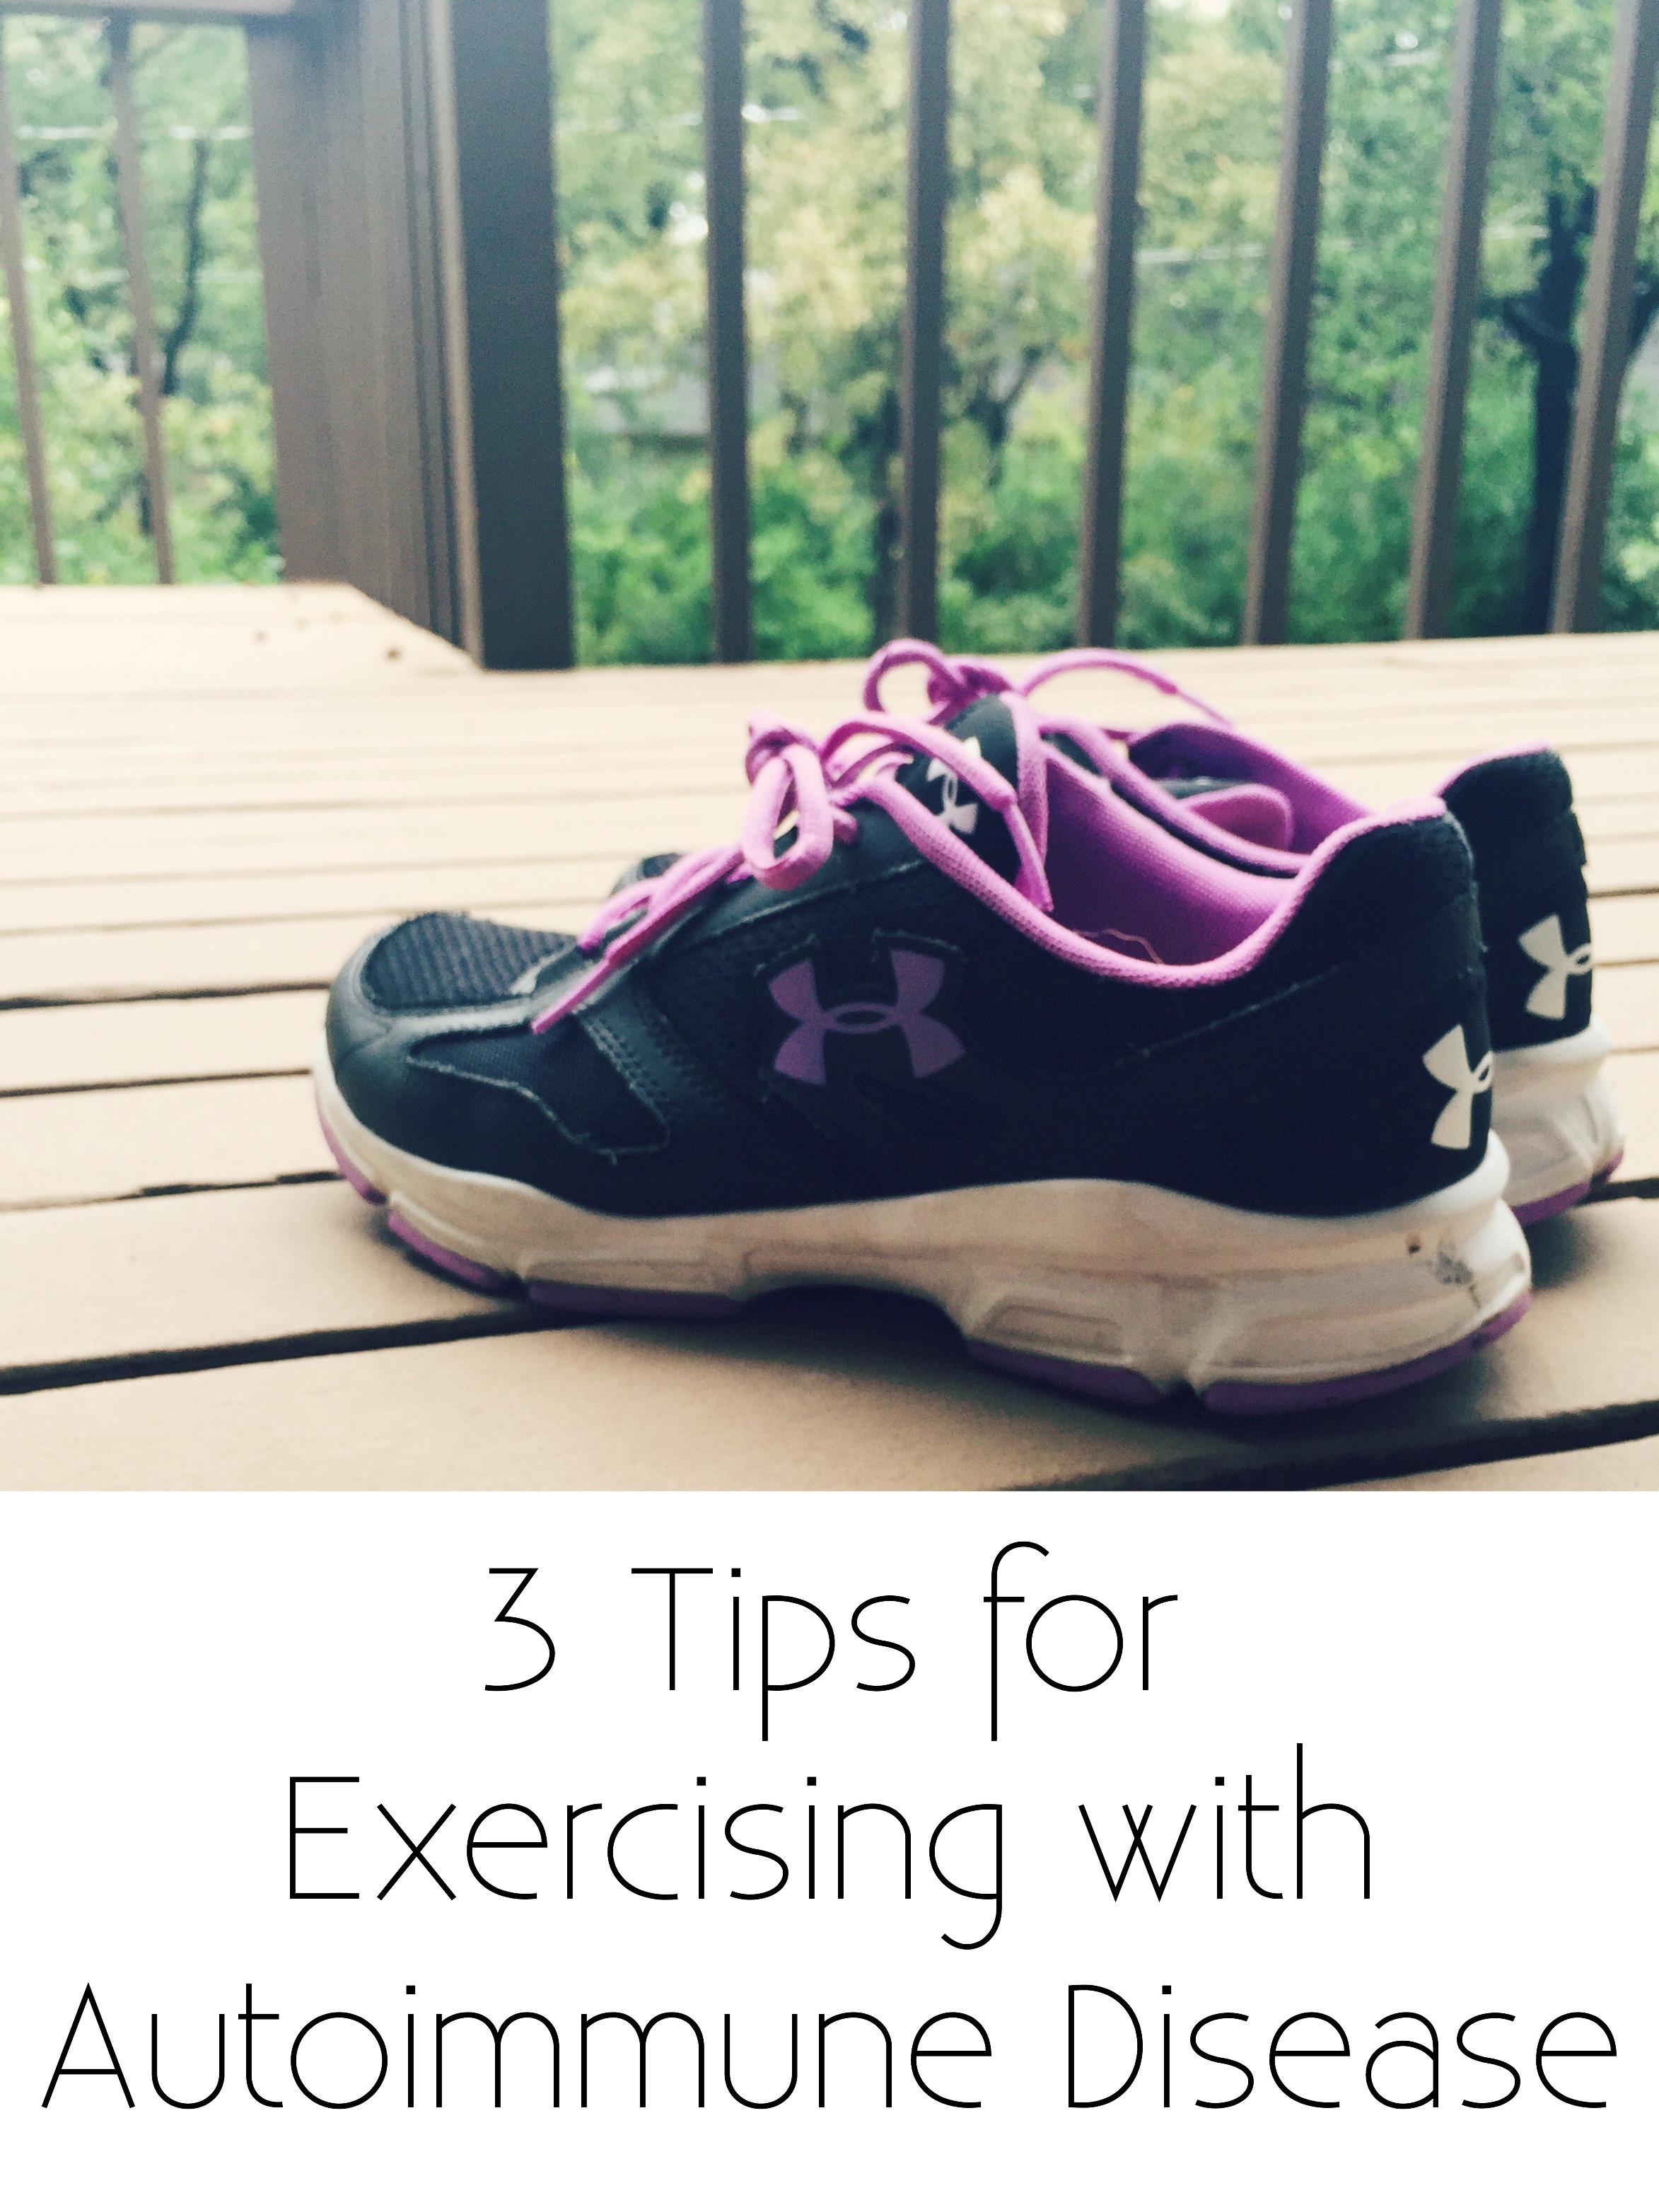 Exercising with Autoimmune Diseaes - 3 Tips